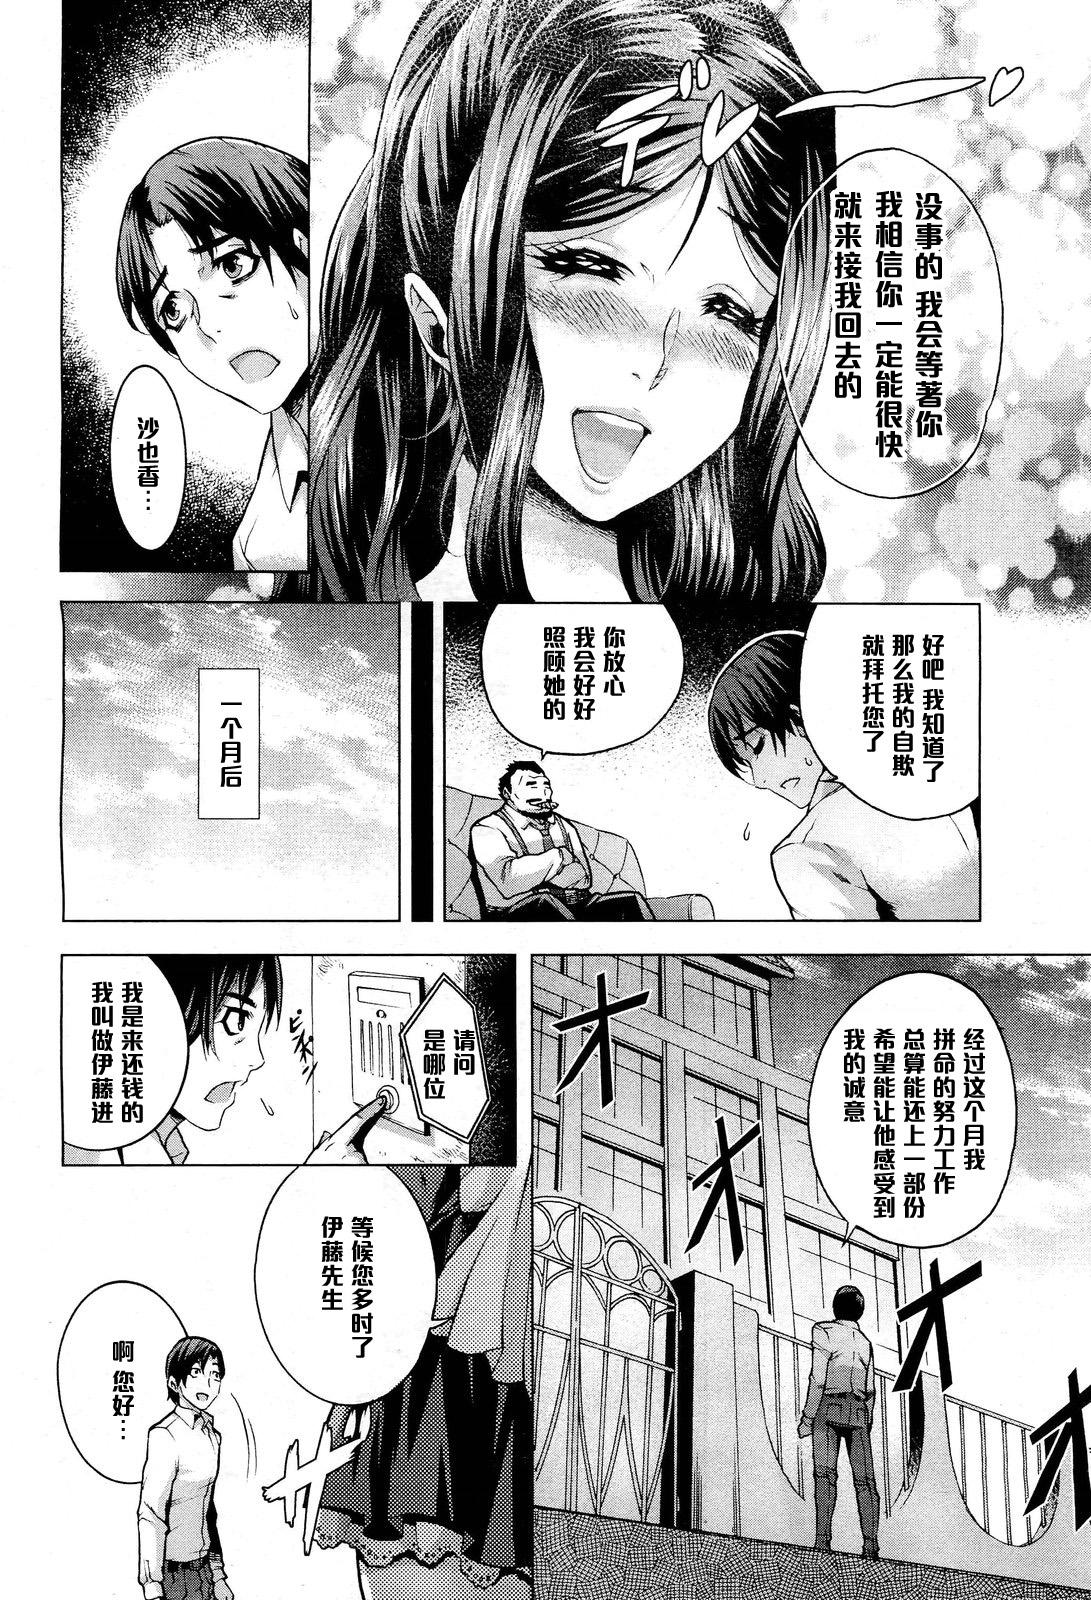 Koufuku no Daishou 2